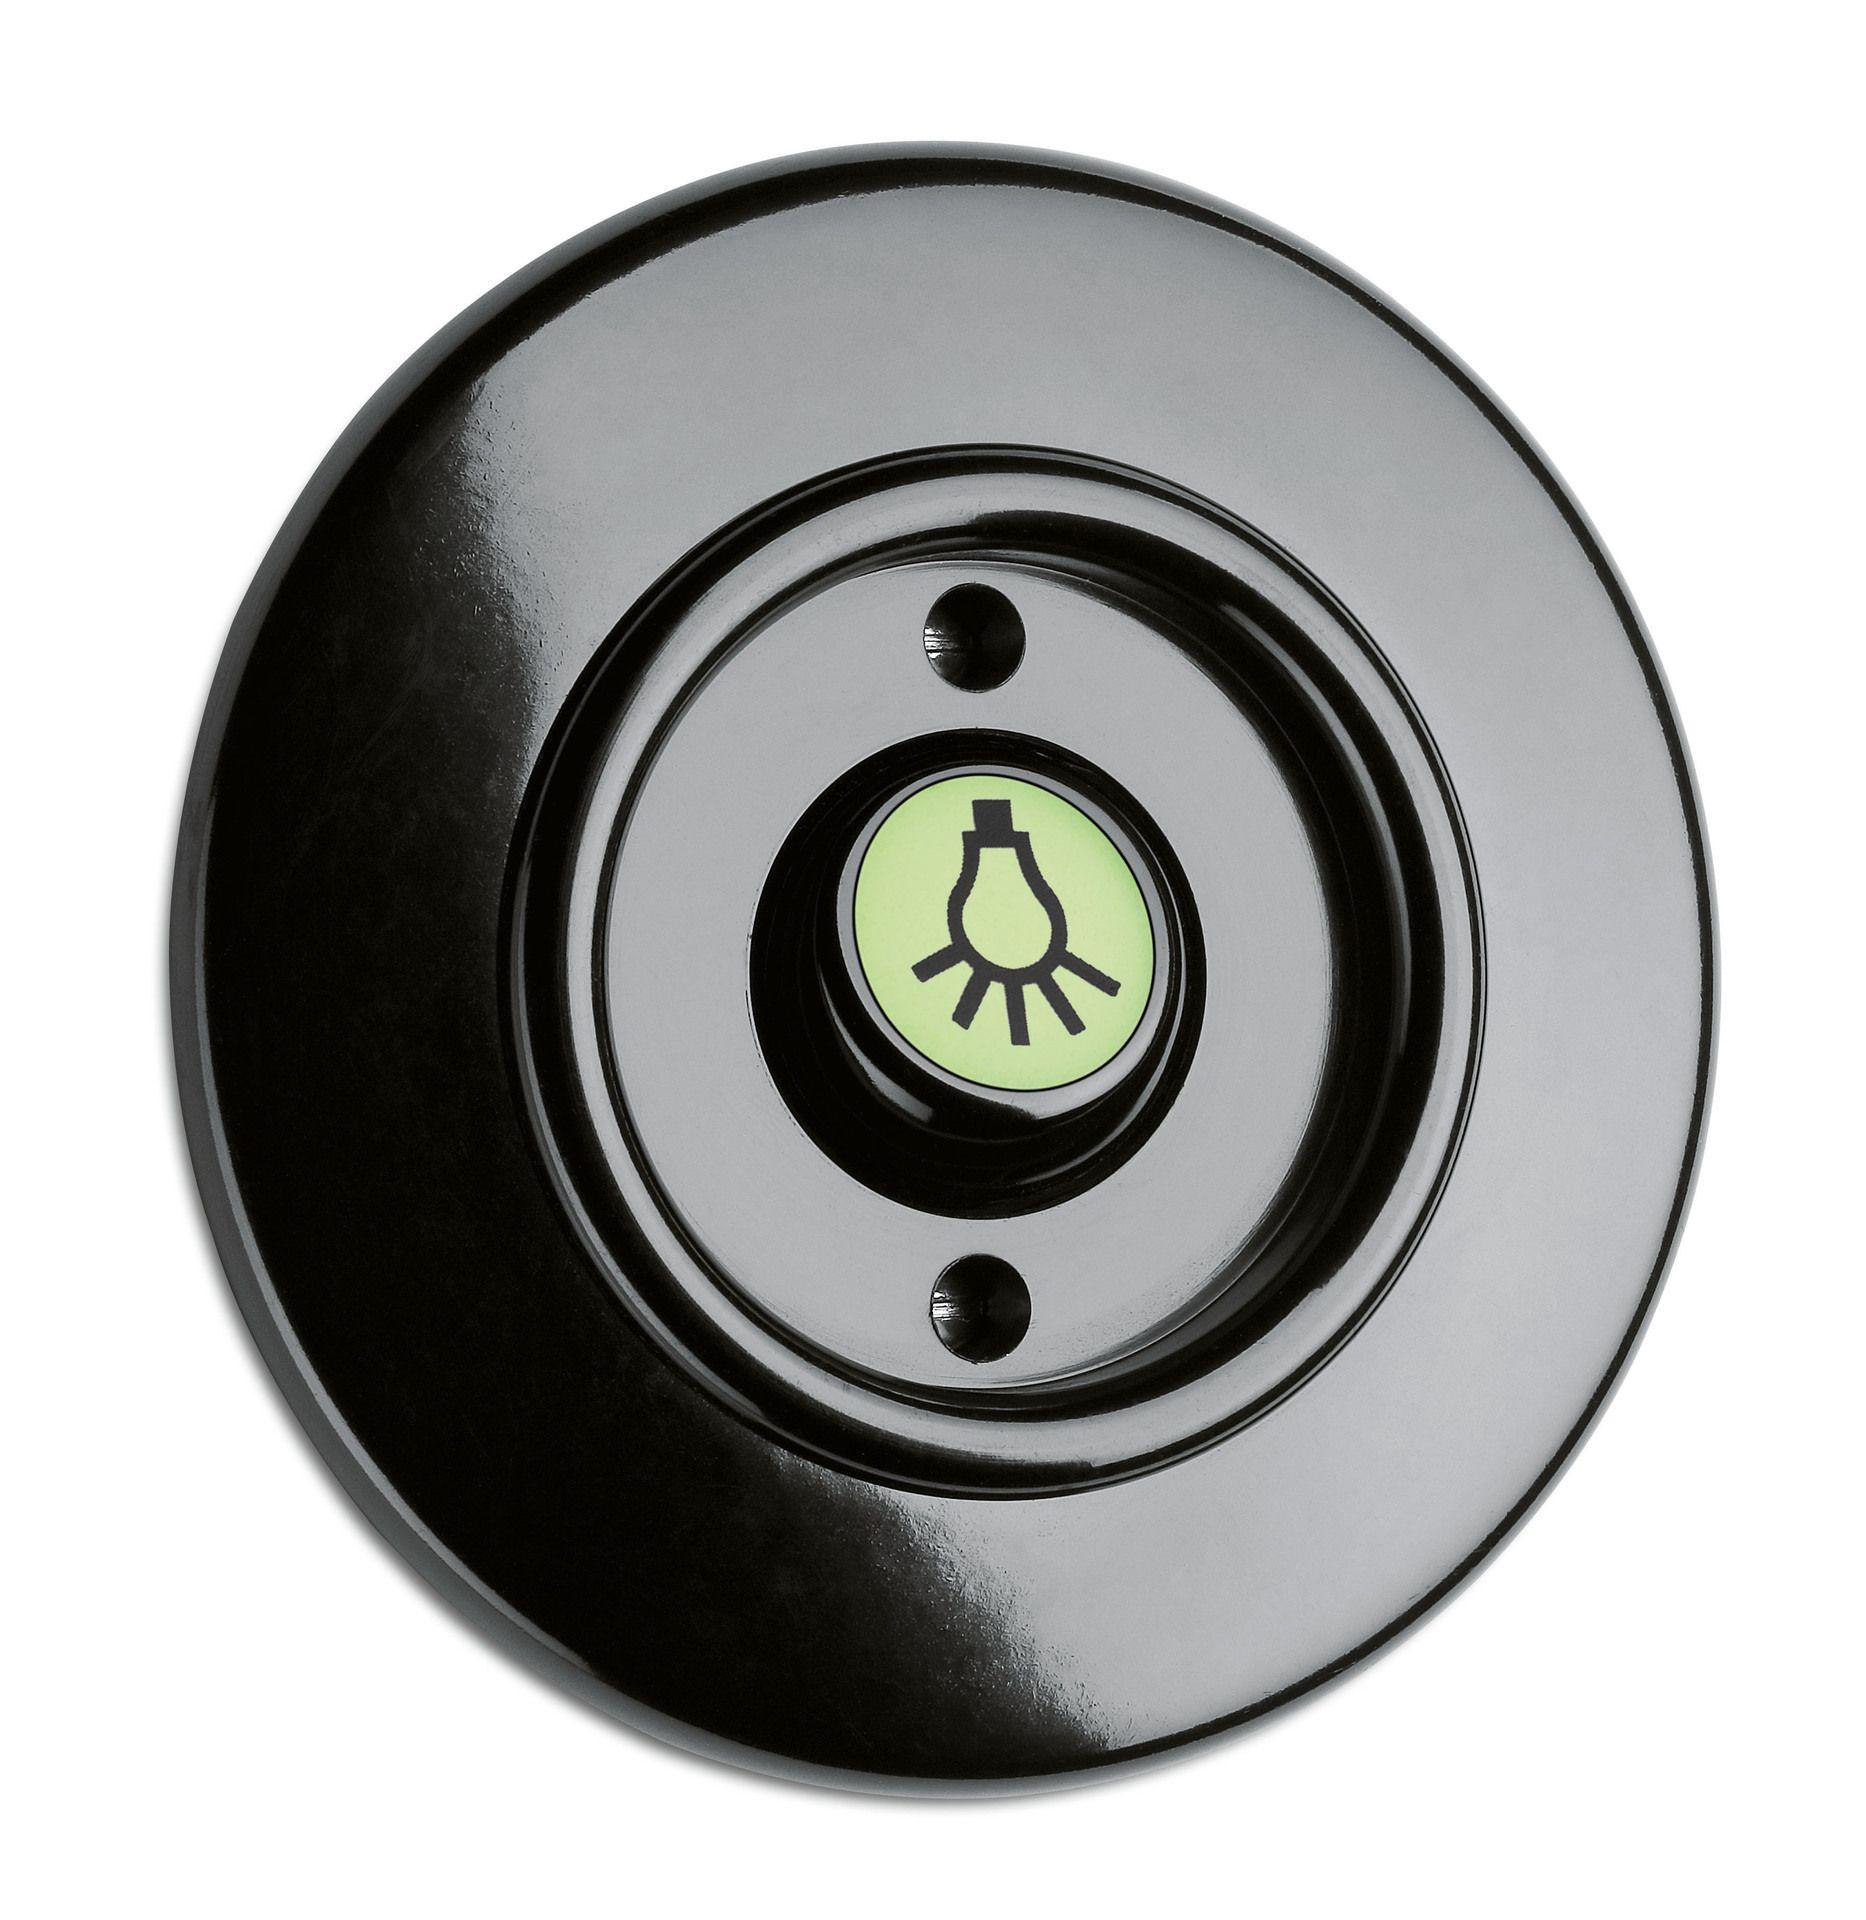 Schaltersysteme aus Porzellan, Bakelit®, Duroplast und Glas - ais ...